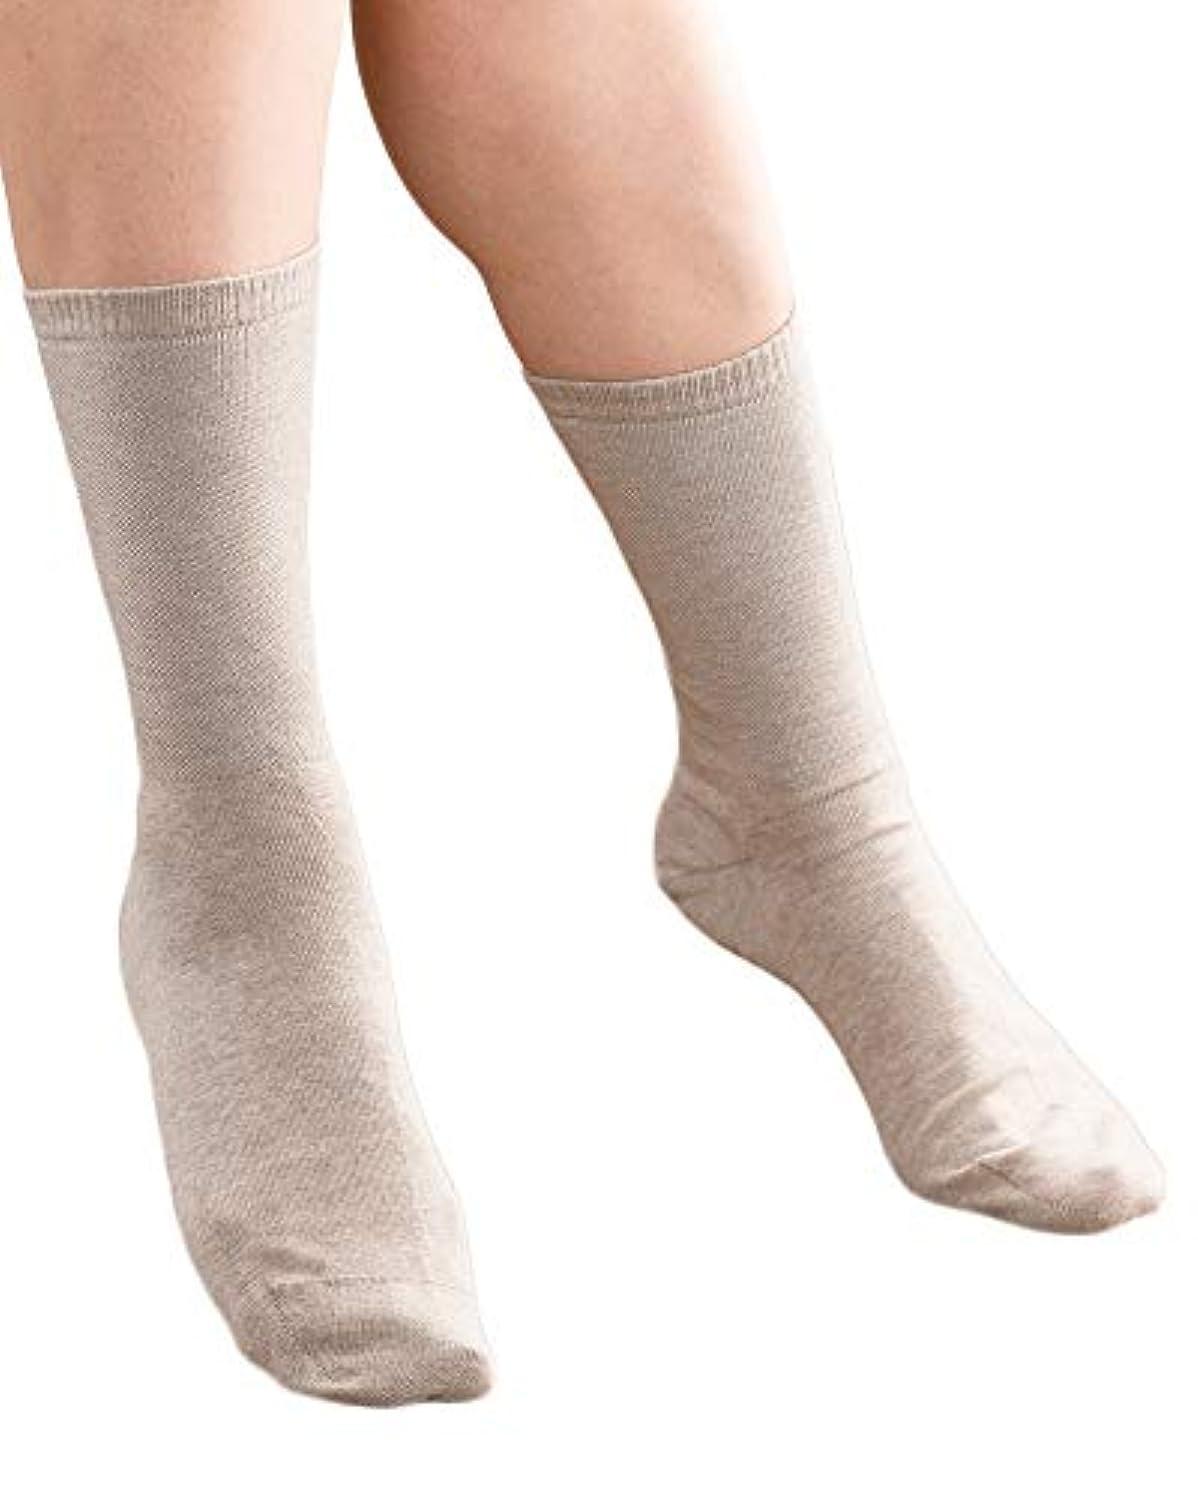 膜誰も違法〈ギロファ ナチュラルライン〉しめつけない靴下 (L, ベージュ)